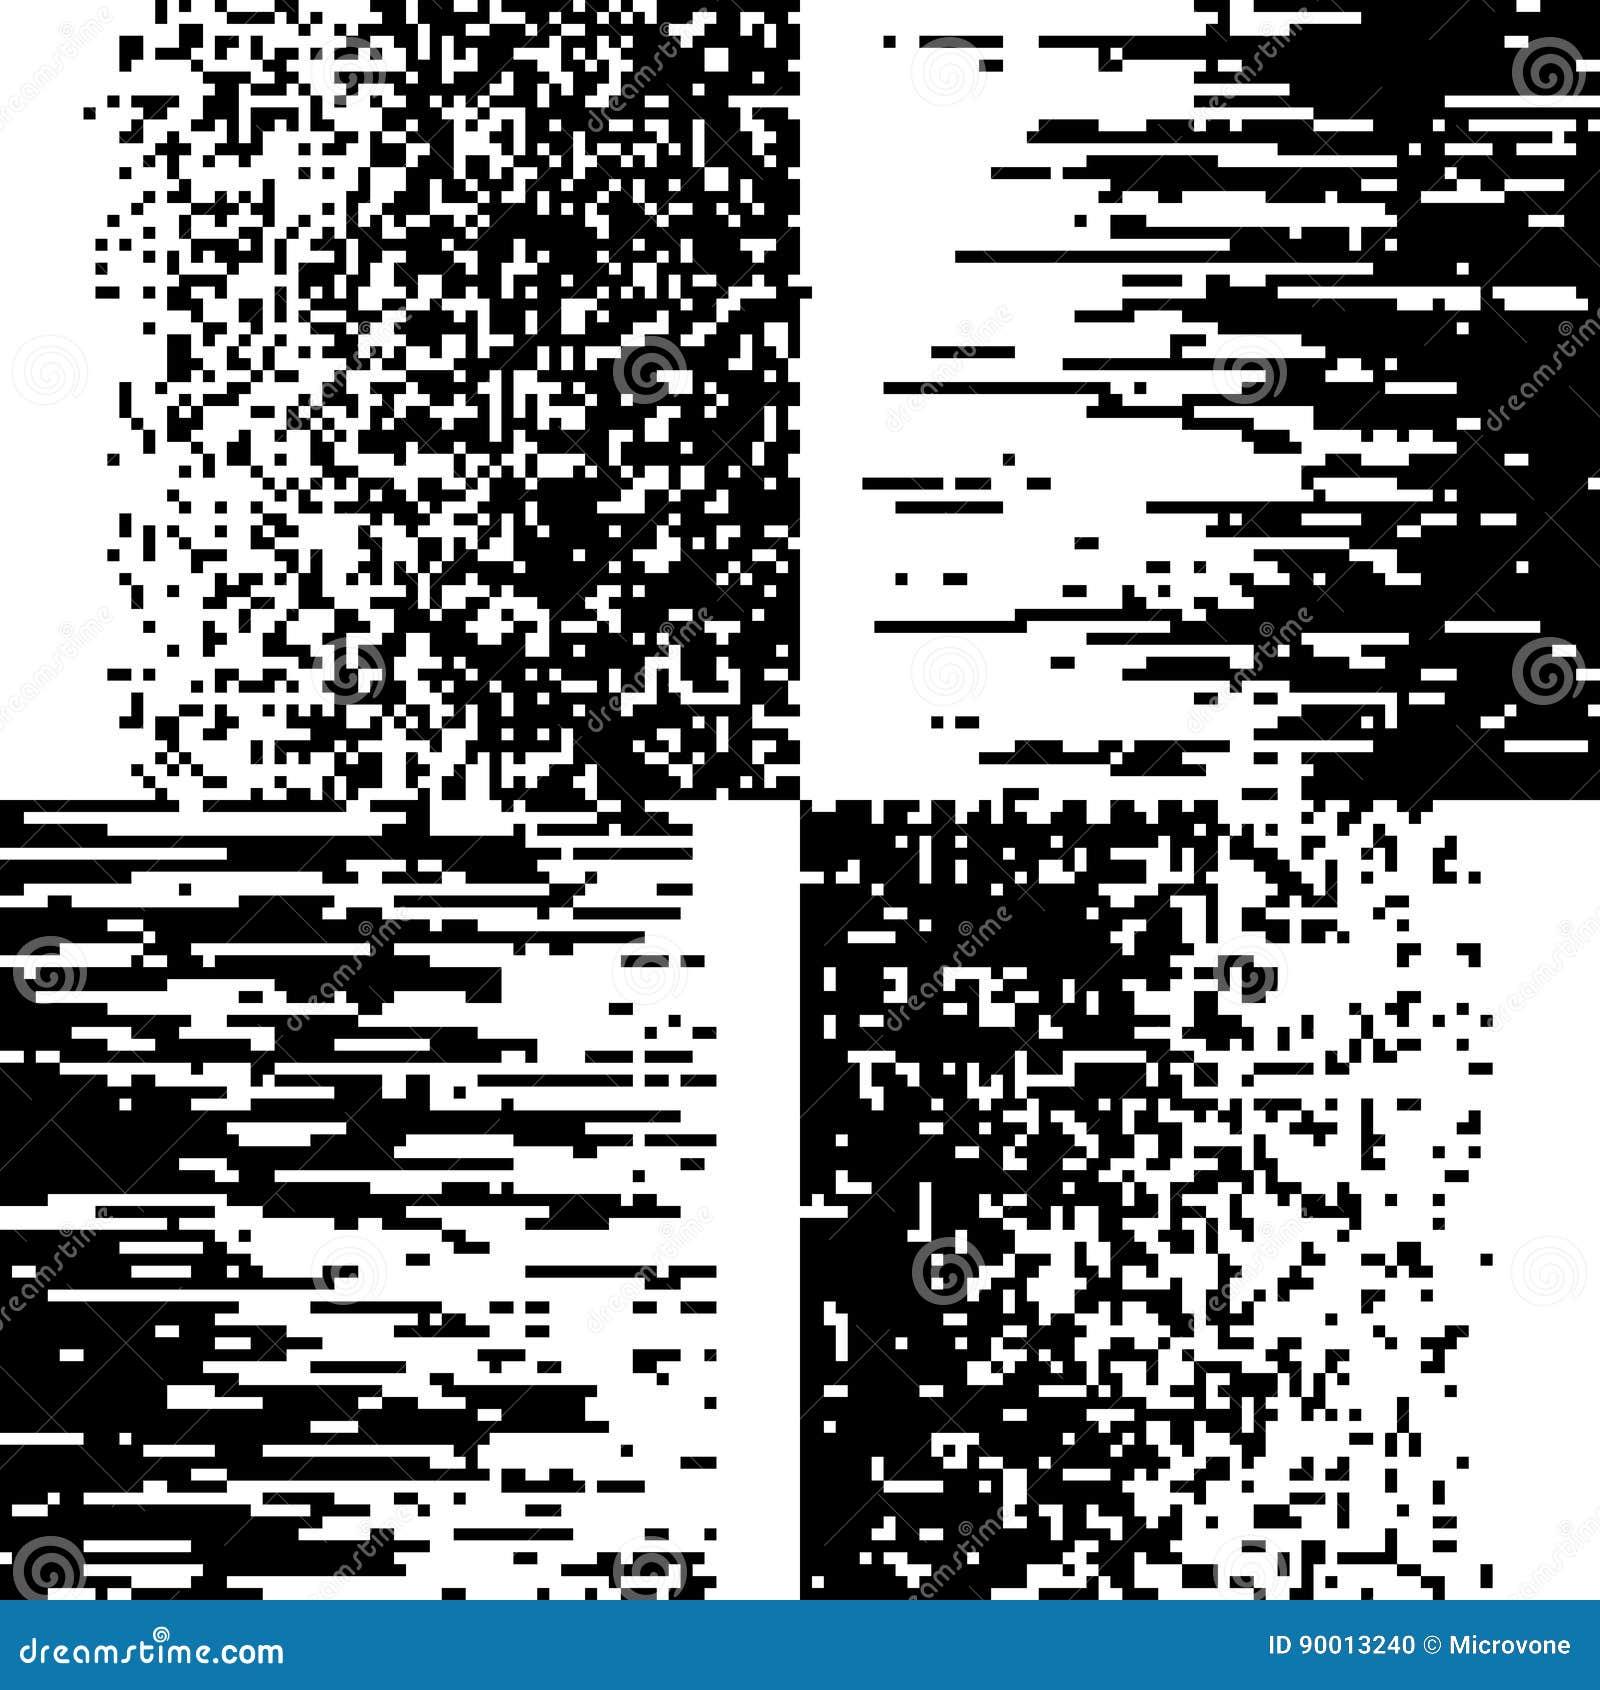 Czarny i biały pixelation, piksel gradientowa mozaika, pixelated wektorowych tła